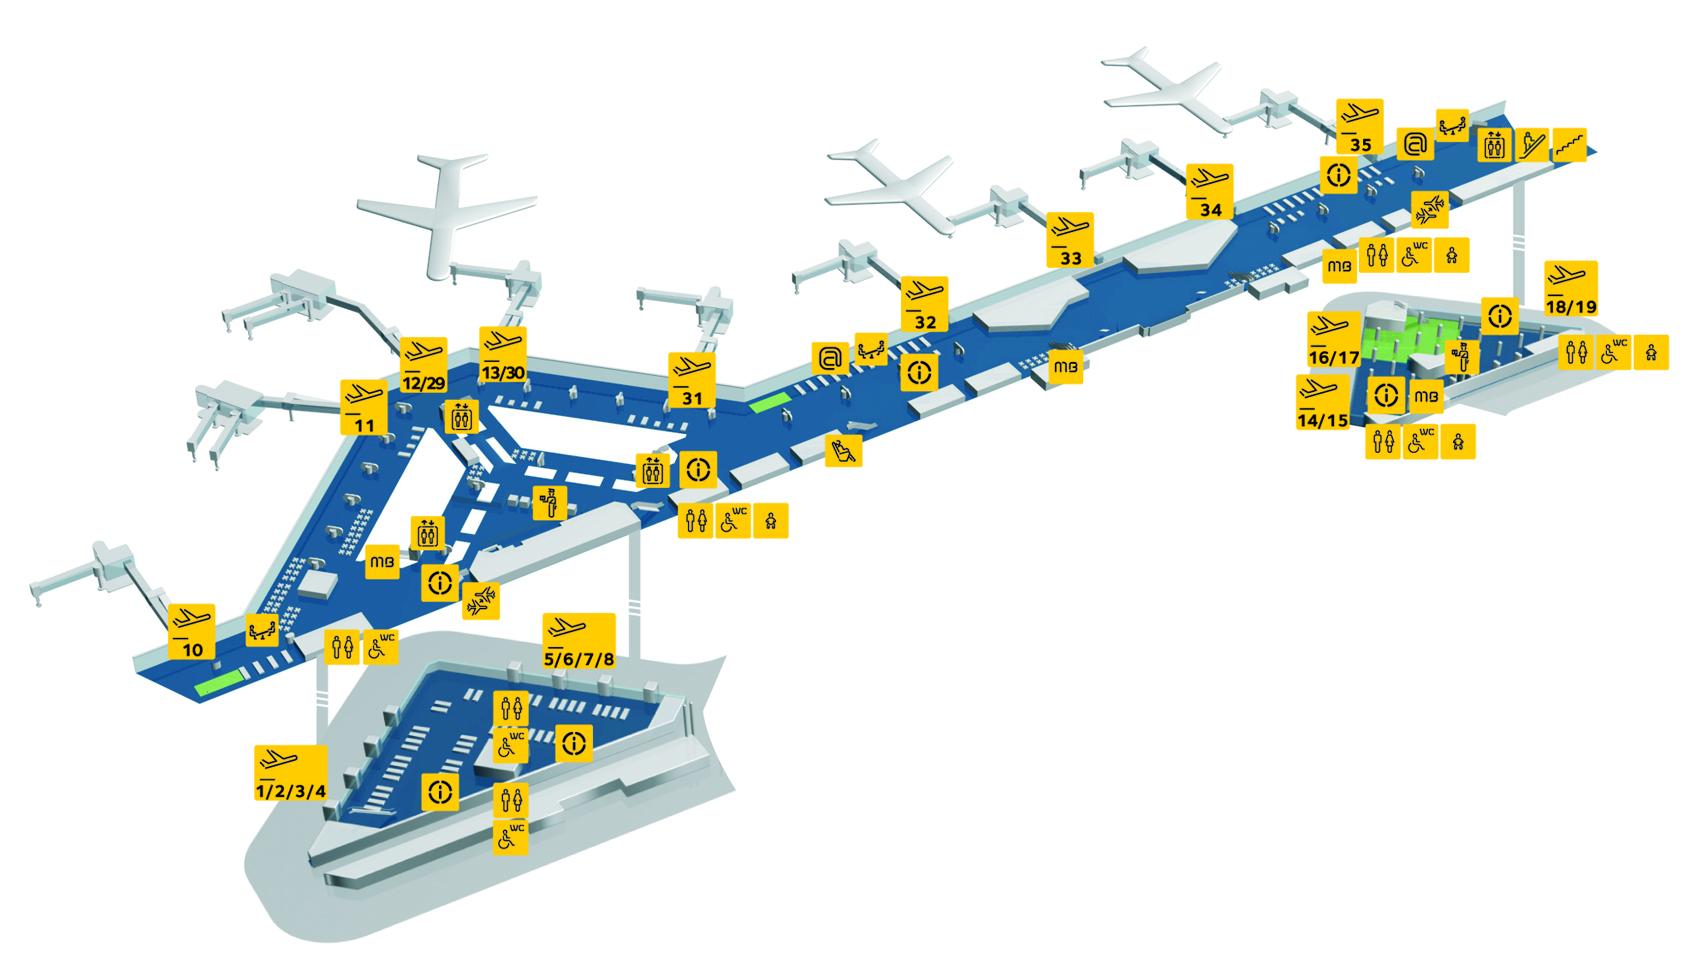 Lotnisko w Porto Portugalia mapa plan hala odlotów Aeroporto Porto planta opis informacje przewodnik dojazd jak dojechać info zdjęcia fotografie